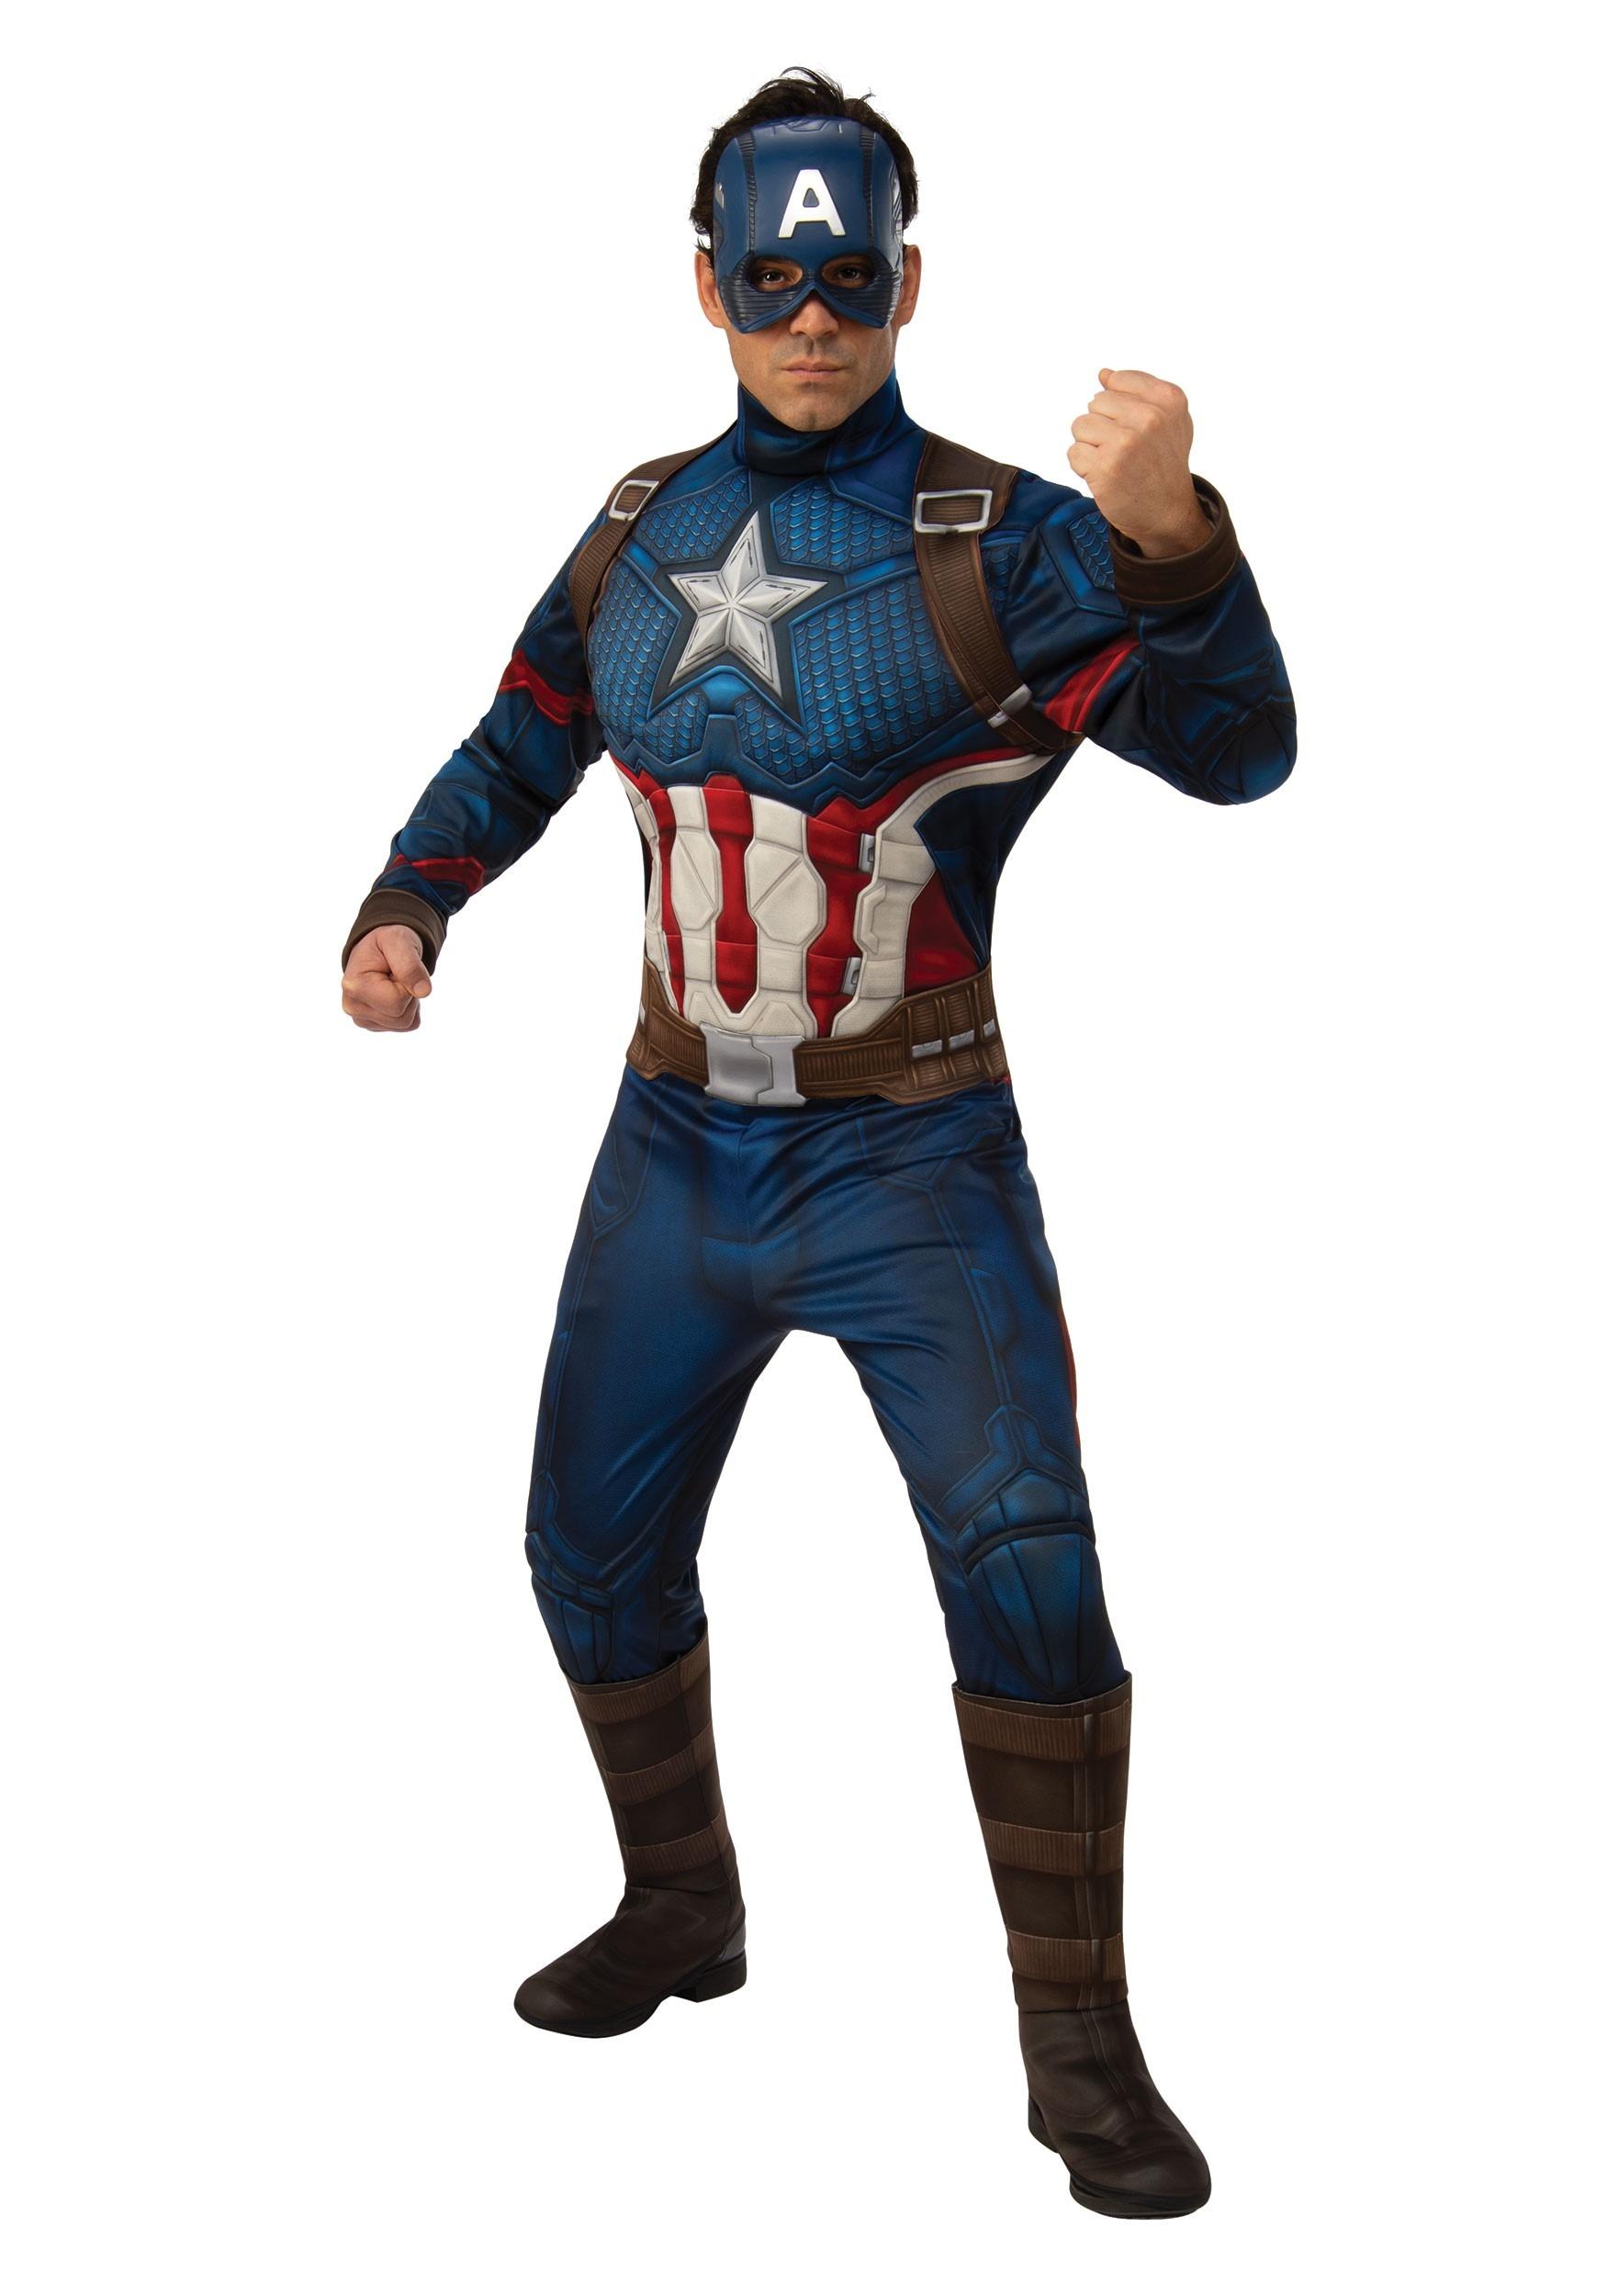 Avengers Endgame Deluxe Captain America Costume for Men